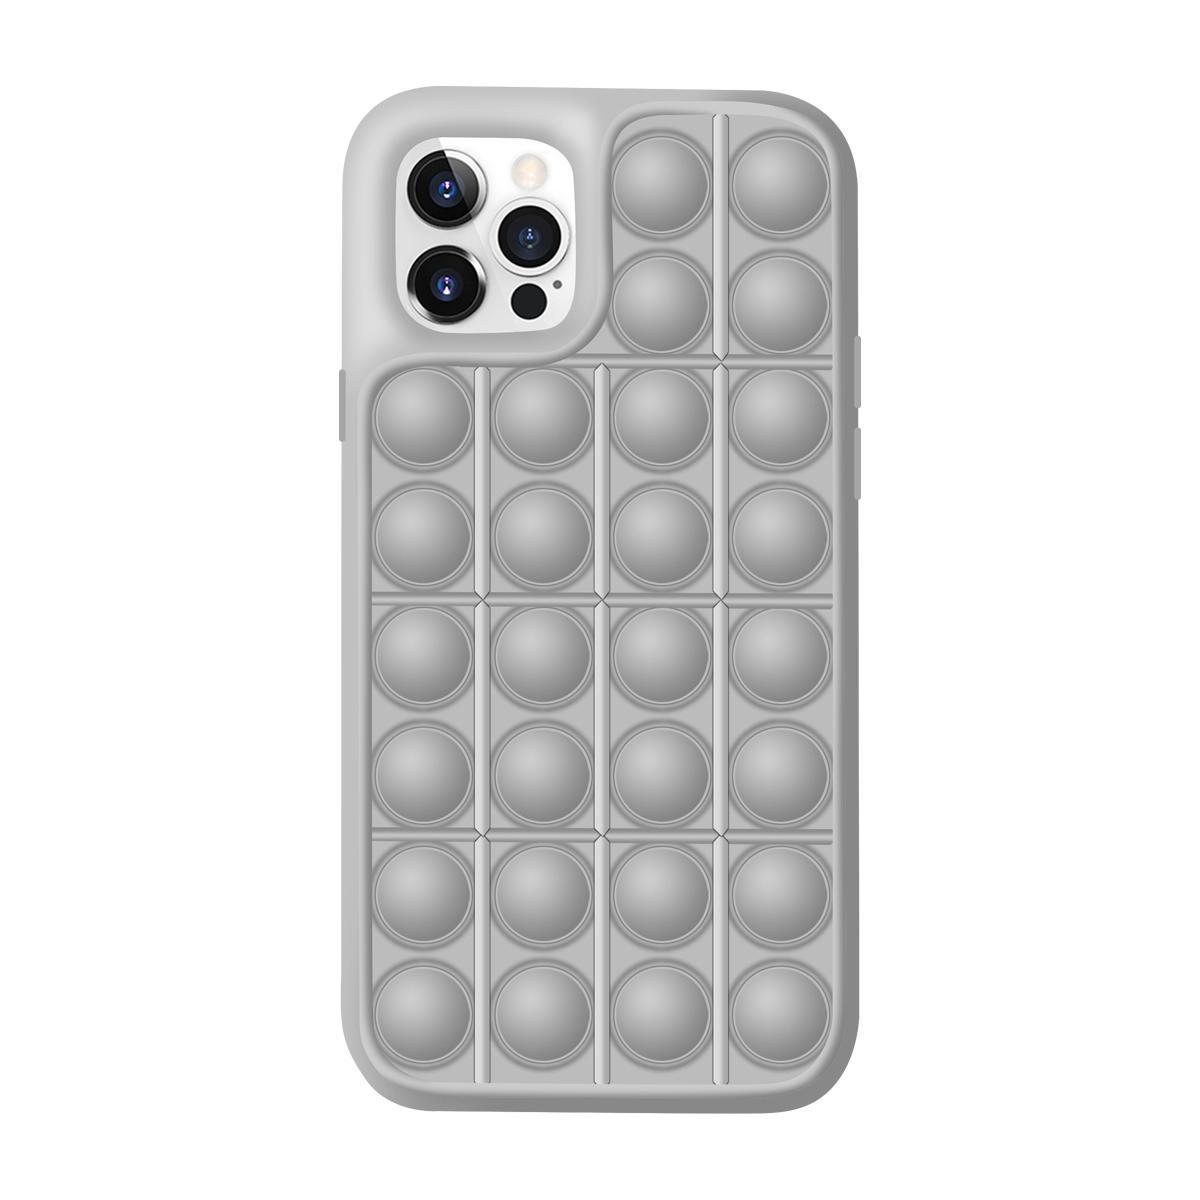 아이폰12 미니 레고 뽁뽁이 디자인 특이한 핸드폰 케이스 (그레이)